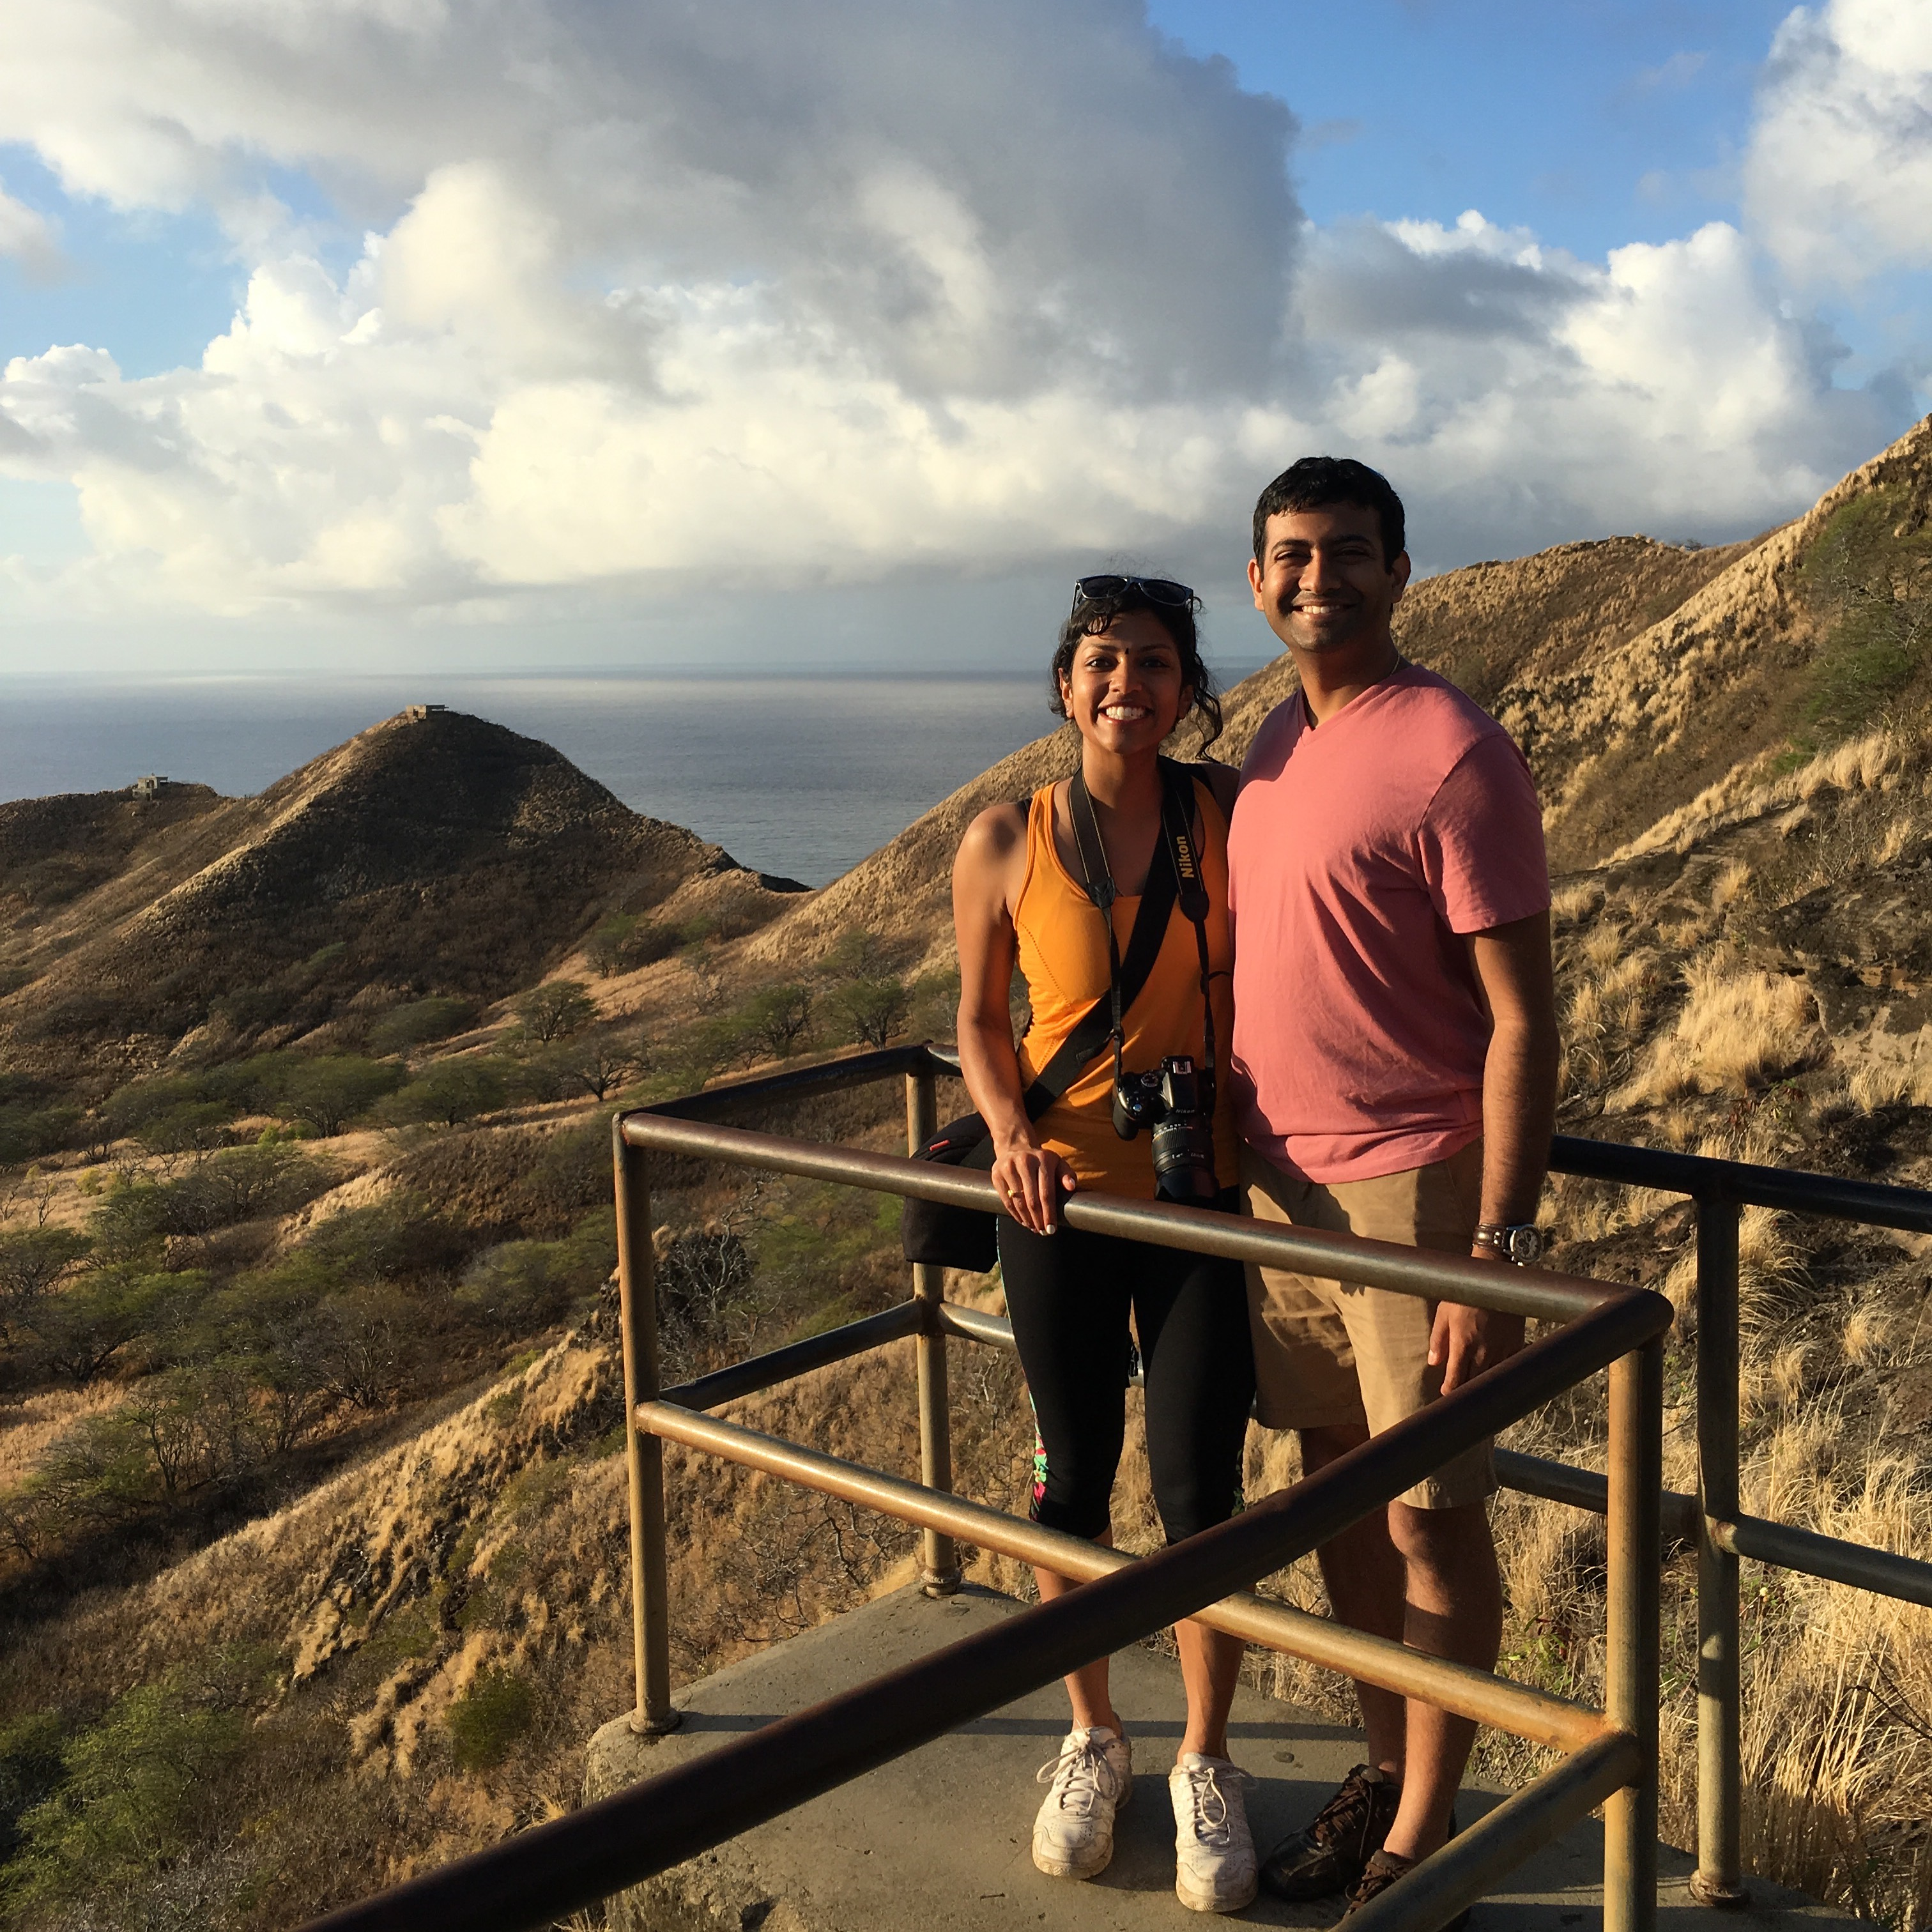 Diamond head crater, Sunrise at Diamond Head, Honolulu things to do, Oahu things to do, hikes on Oahu, Oahu trails, sunrise trails